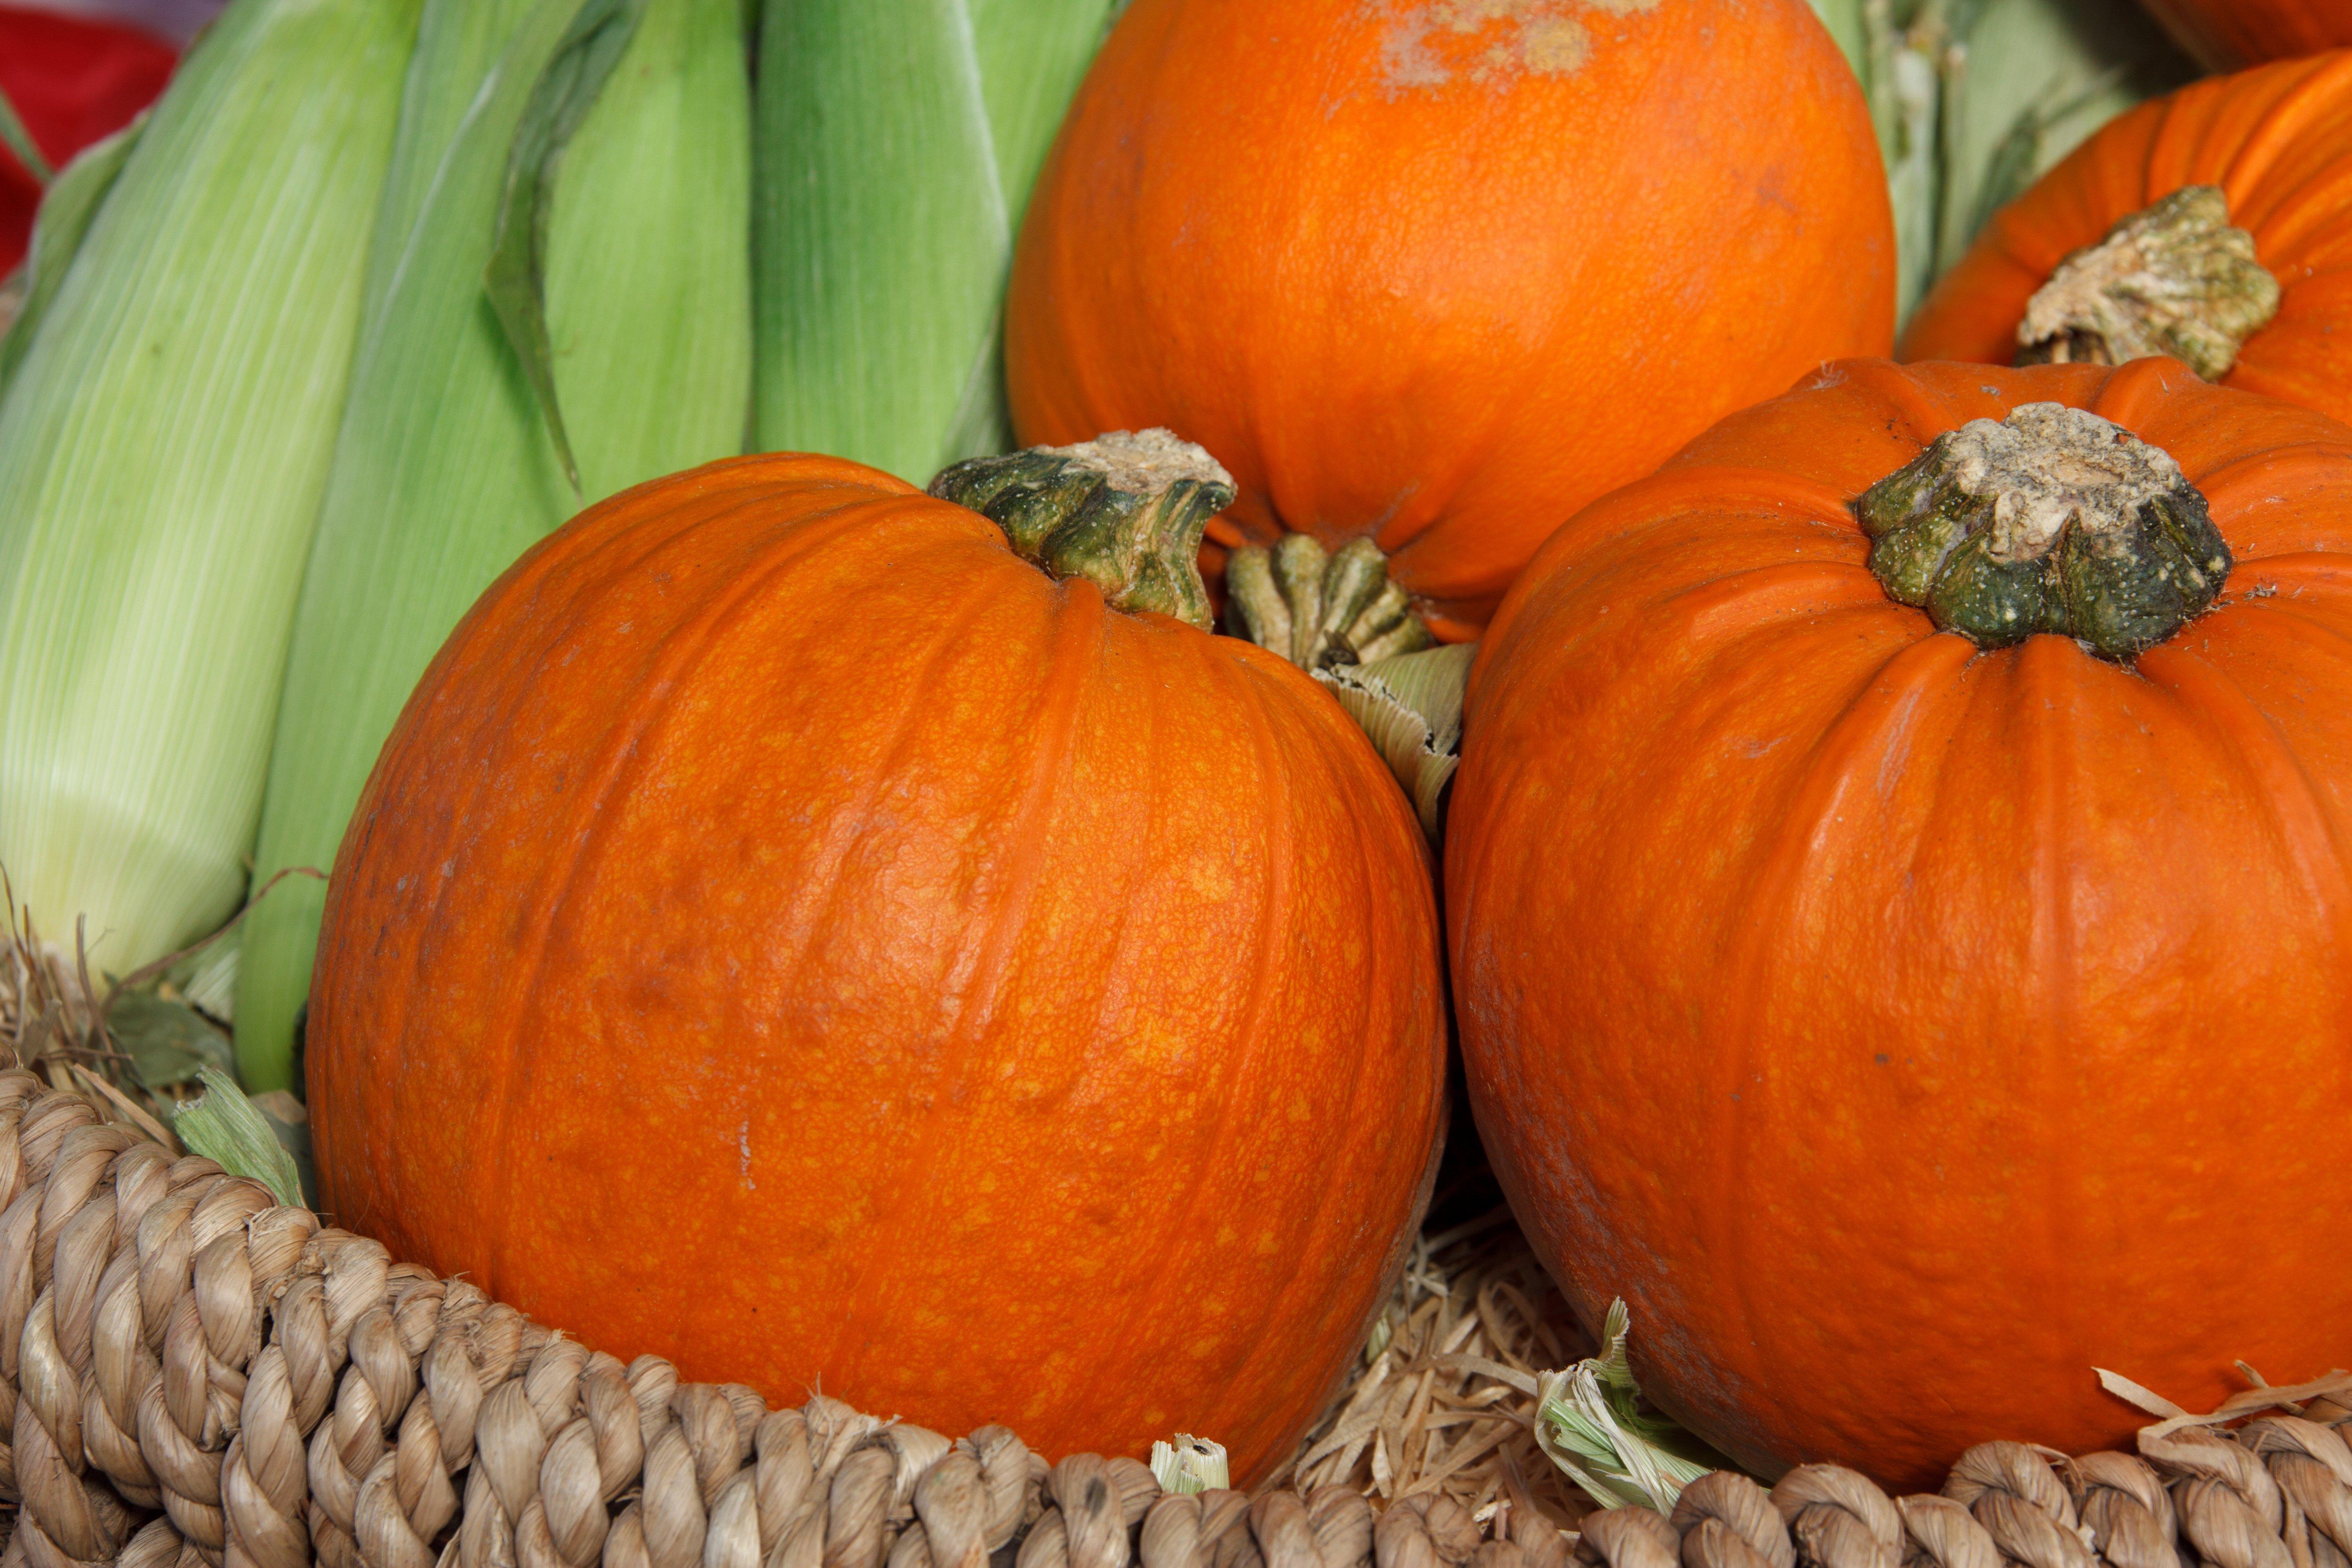 Autumn season photo